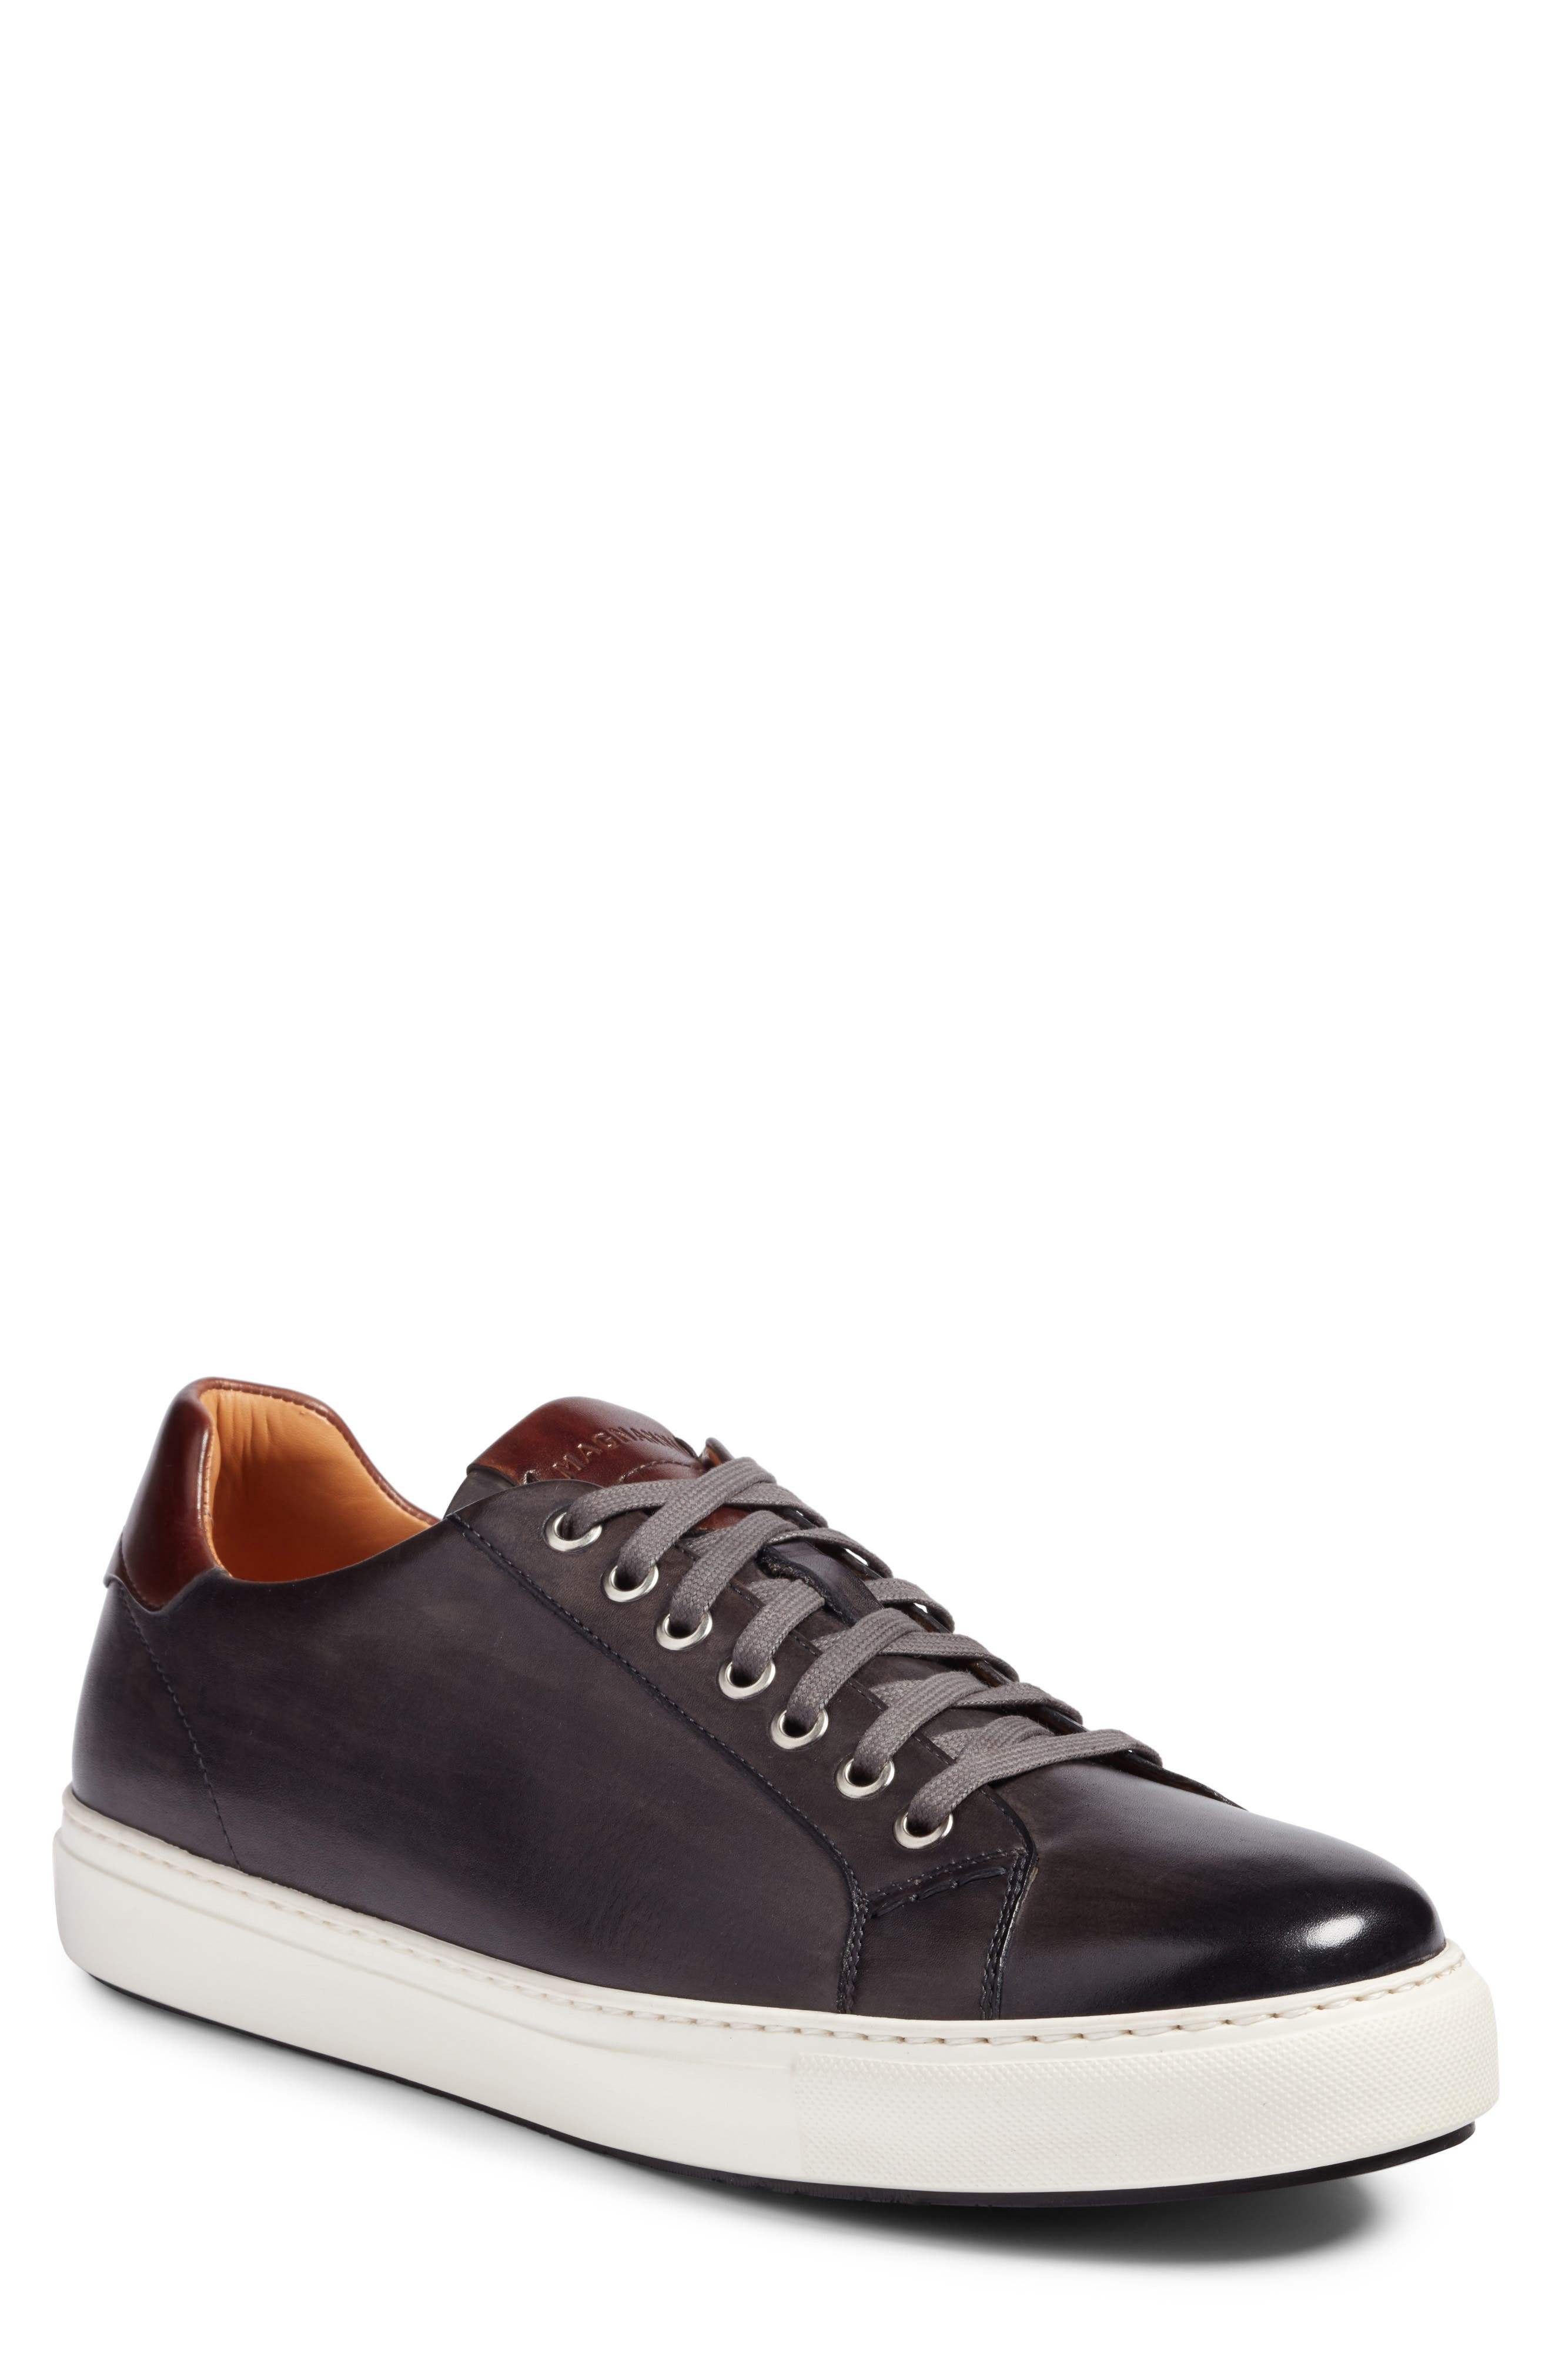 Magnanni Falco Lo Sneaker (Men)